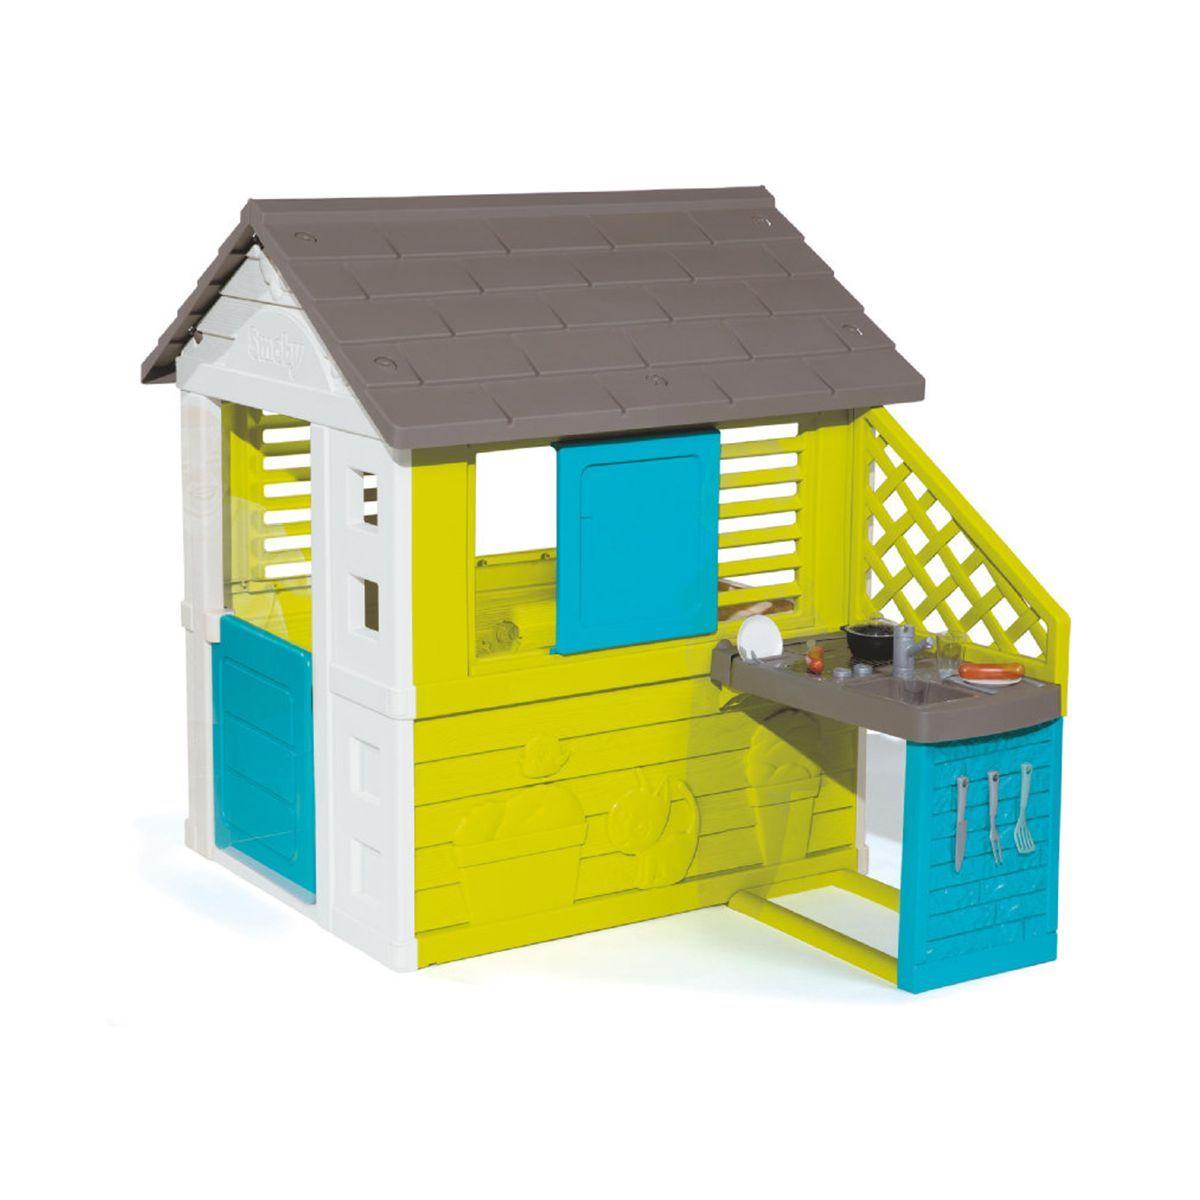 Cabane Enfant Pretty + Cuisine D'été Smoby - Taille : Taille ... destiné Maison De Jardin Smoby